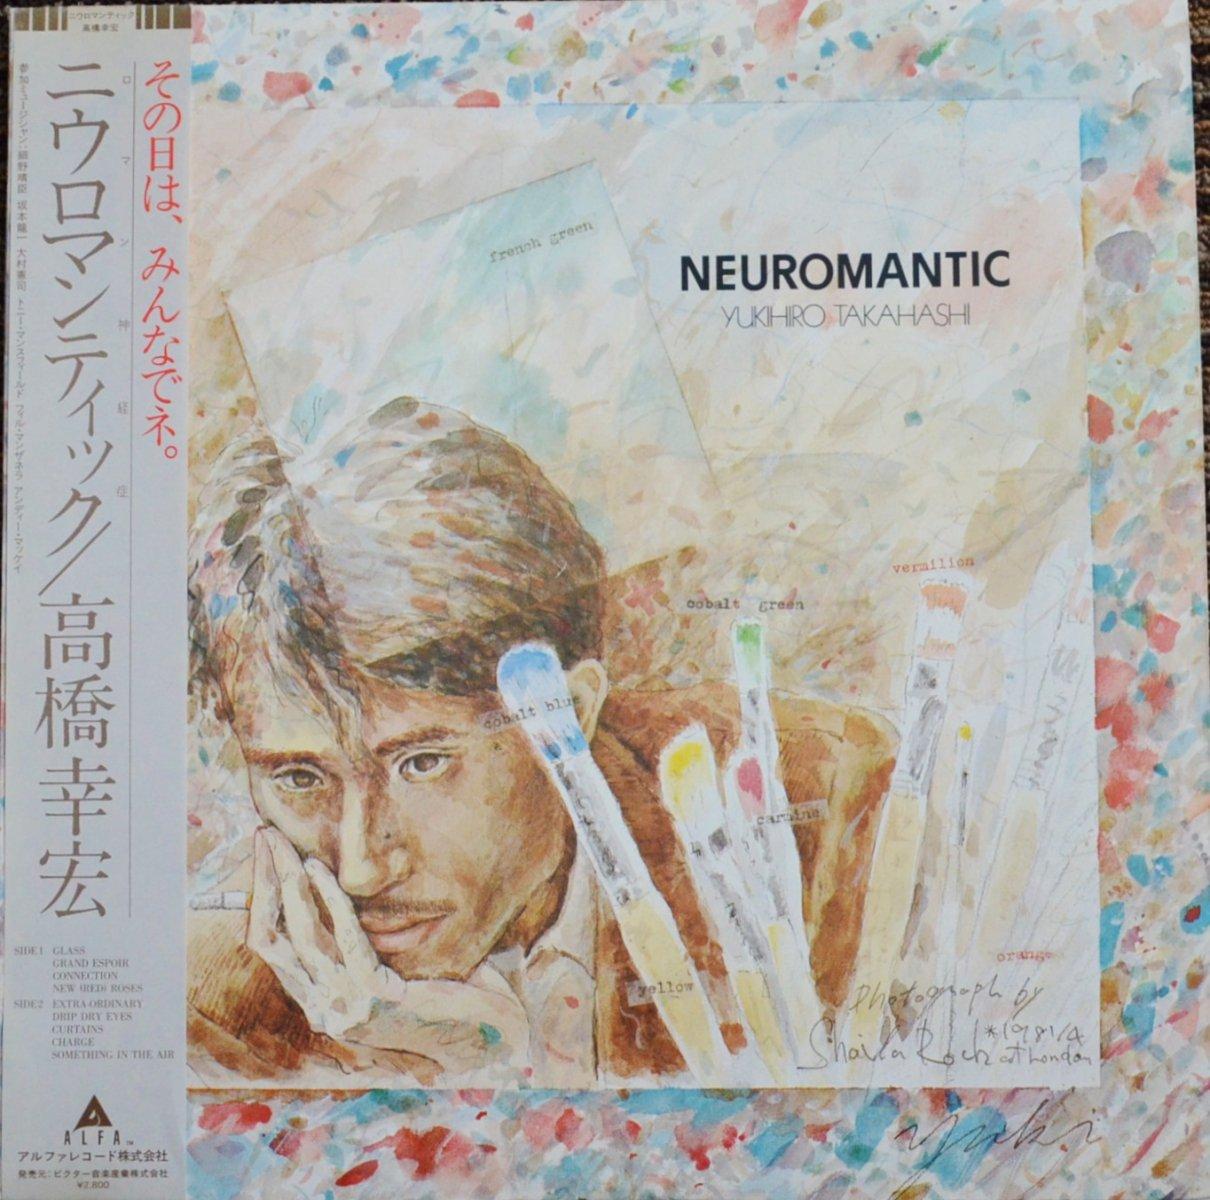 高橋ユキヒロ (高橋幸宏) YUKIHIRO TAKAHASHI / ニウロマンティック / NEUROMANTIC (LP)